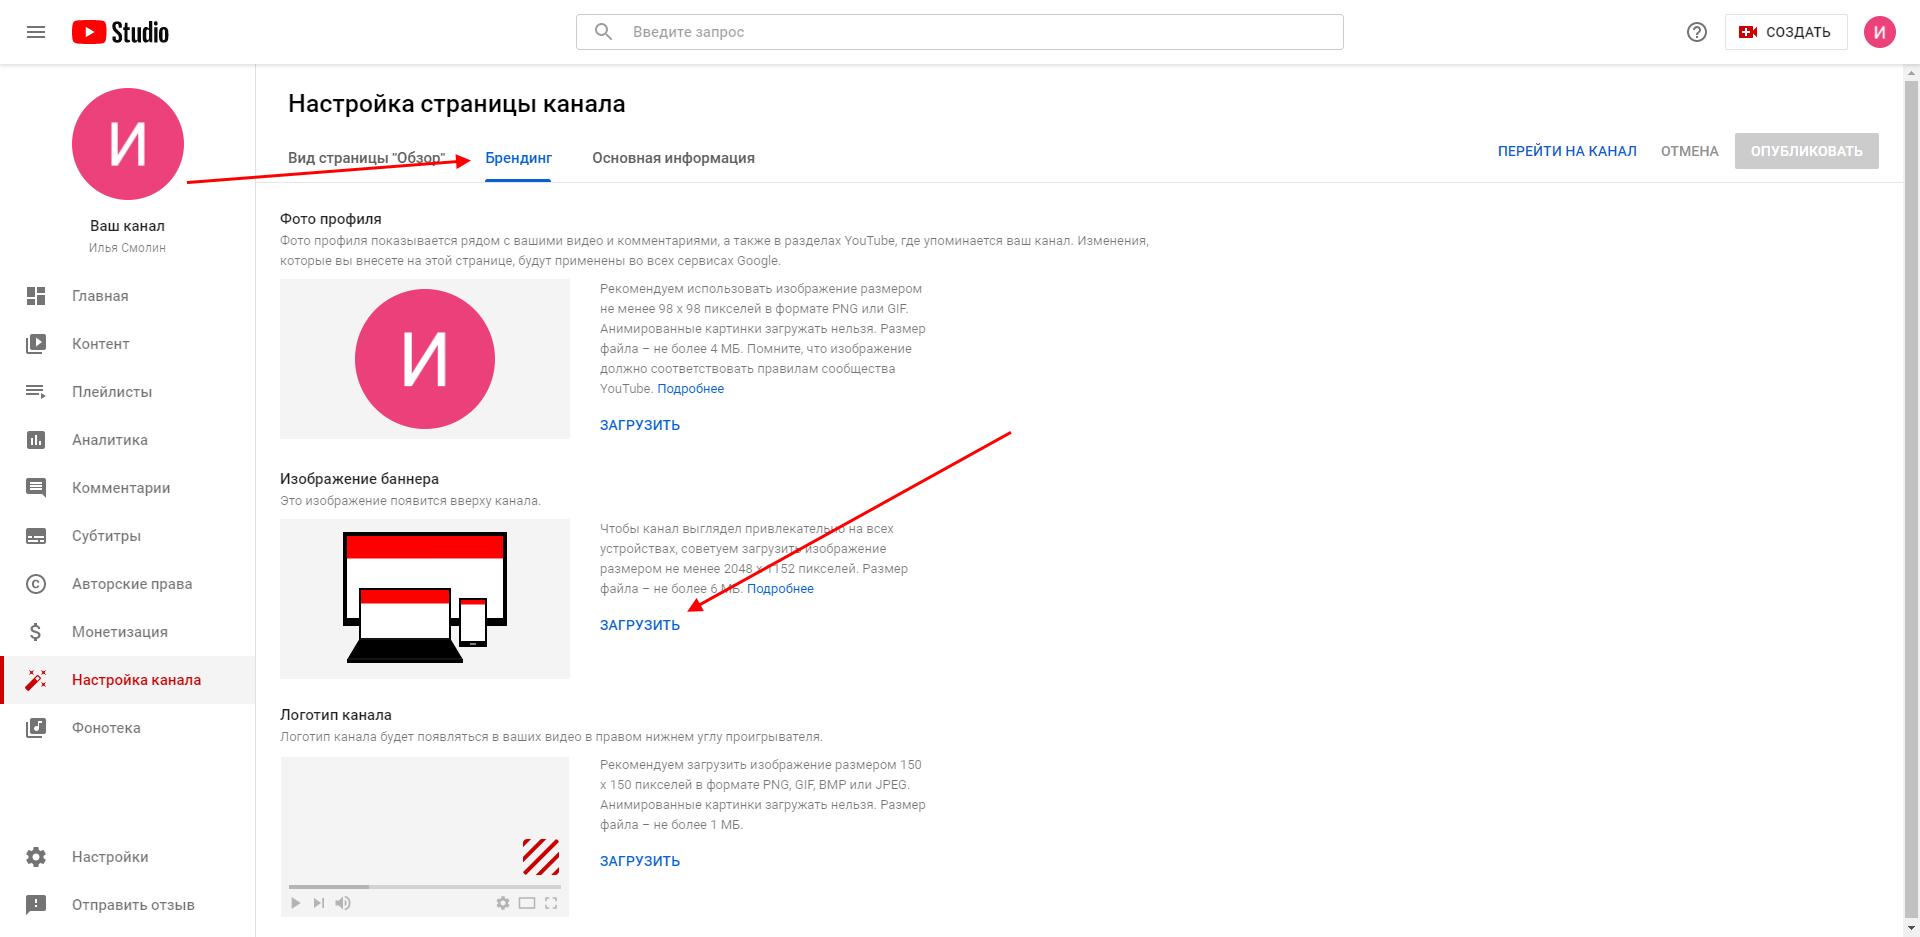 Как загрузить другую обложку канала на YouTube